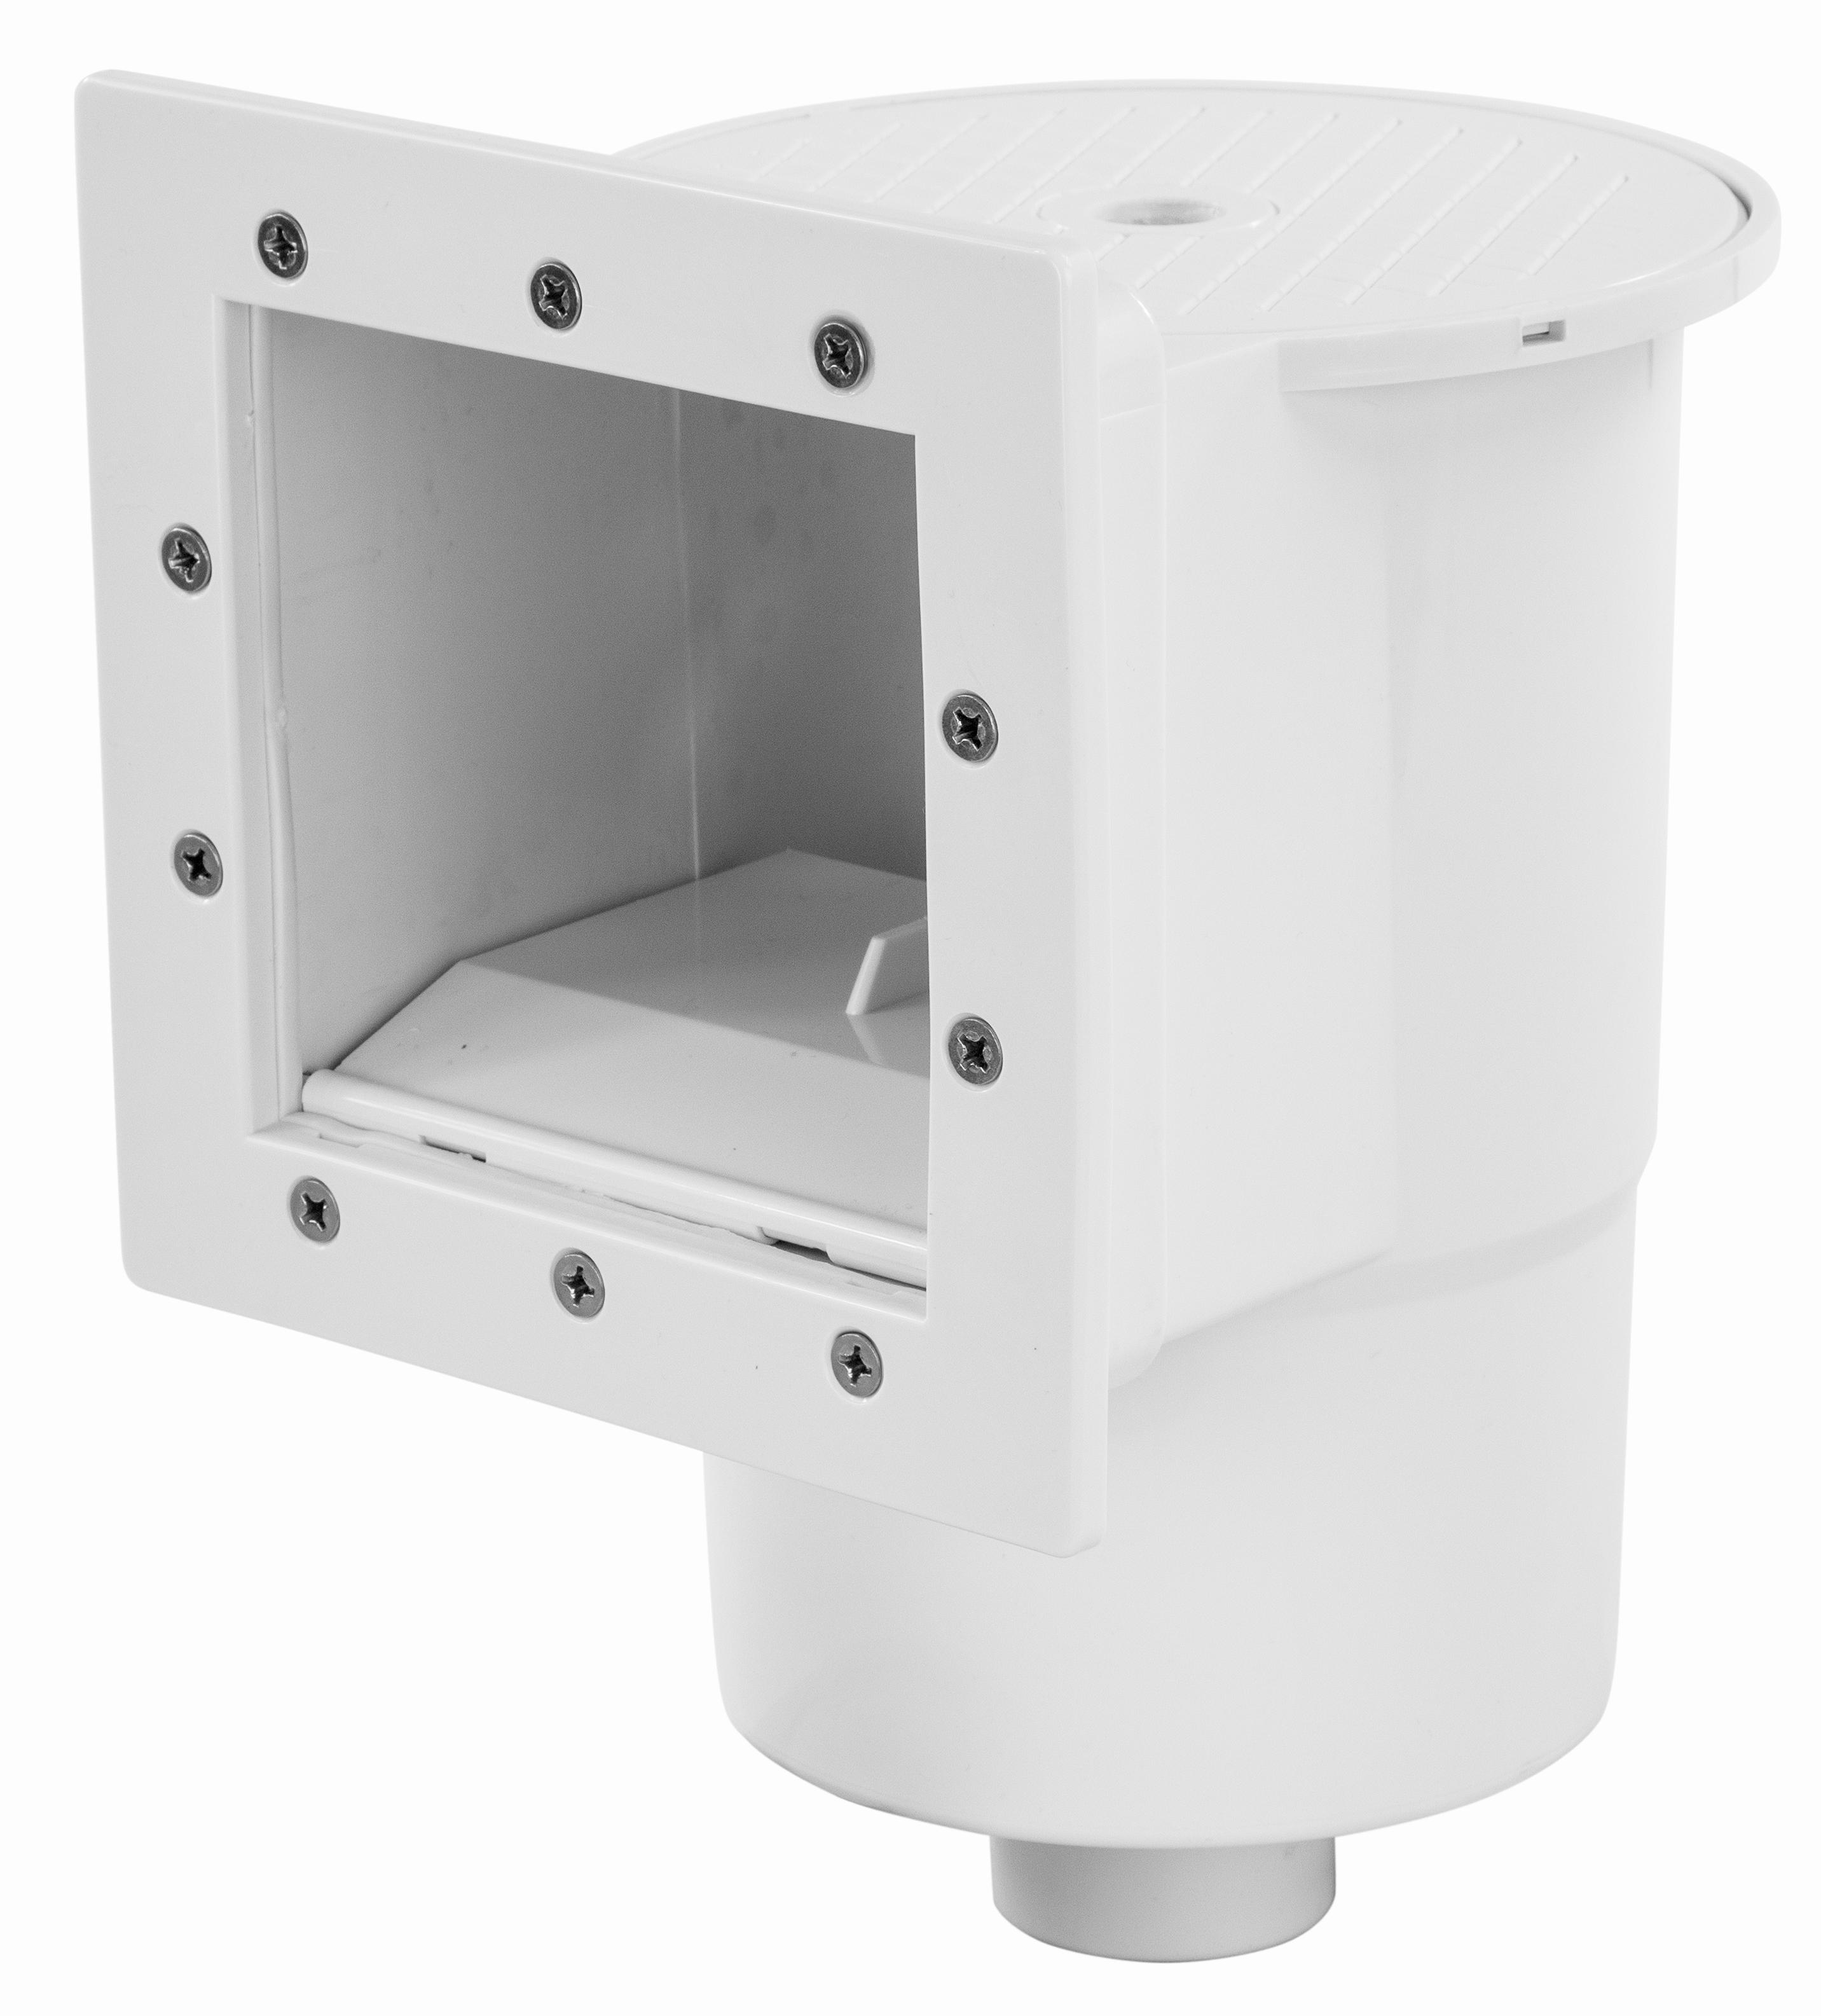 Standard thru wall skimmer for above ground swimming pools for Above ground swimming pool wall parts